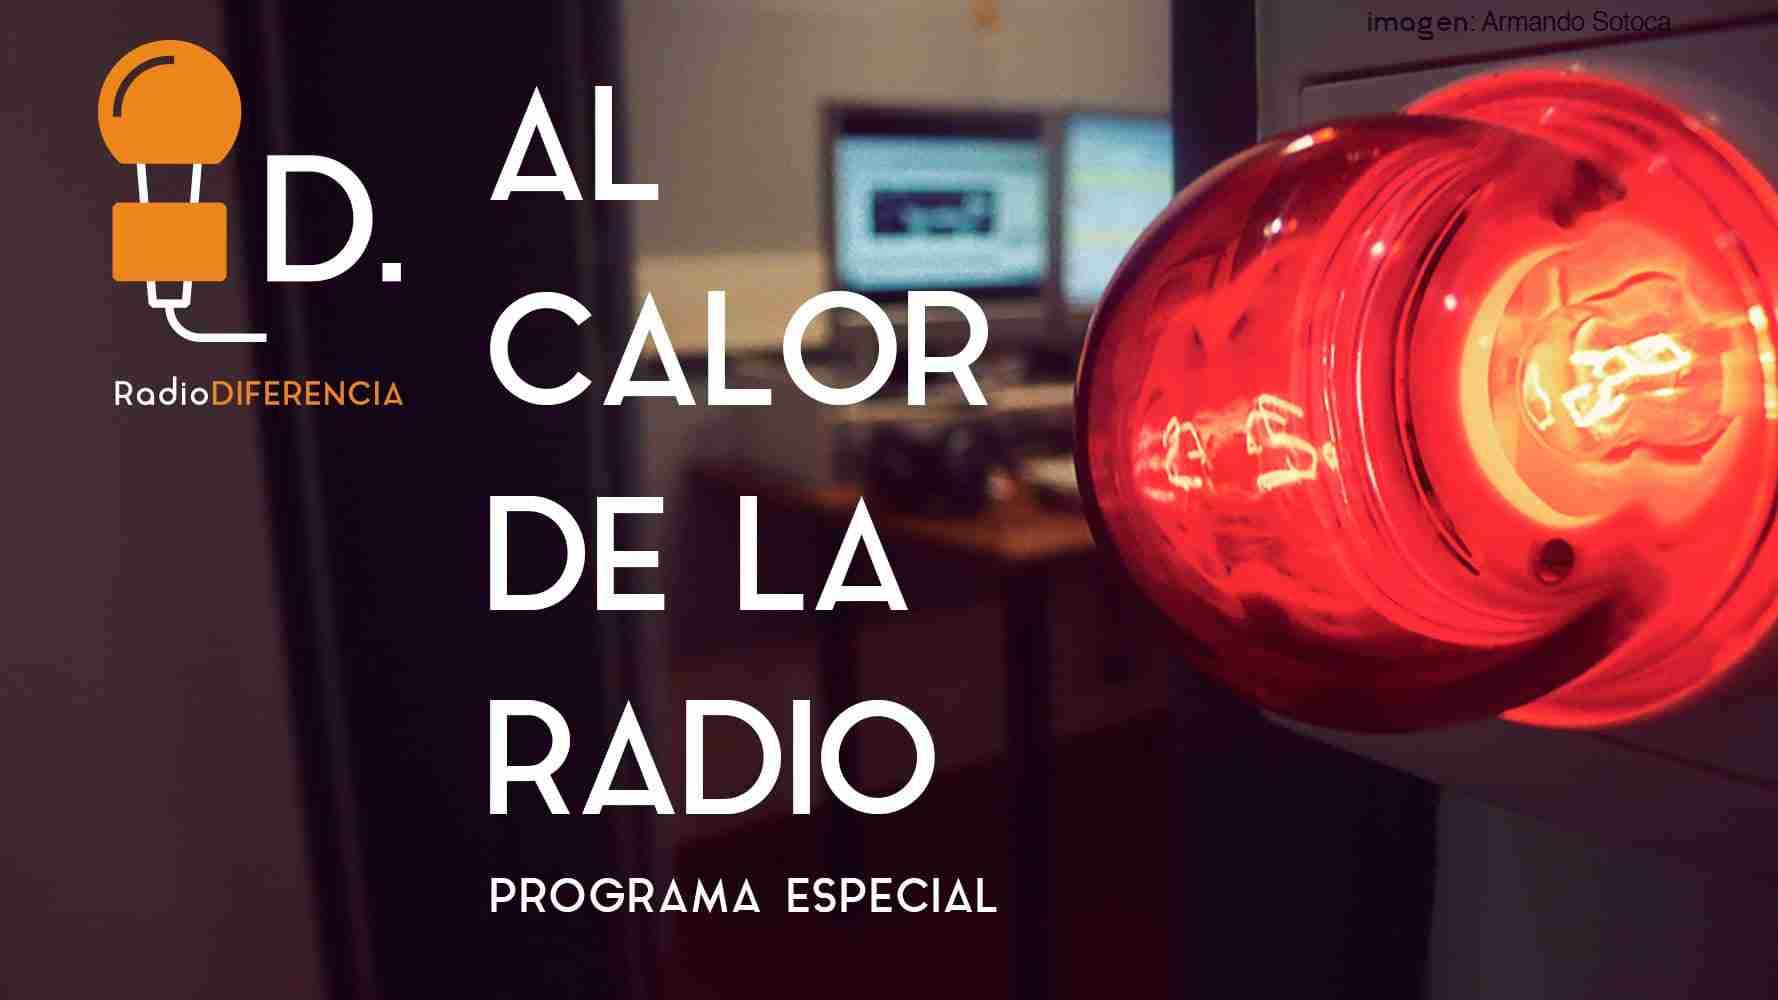 Estudiantes de las diez promociones de periodismo participan en el especial de Radio Diferencia 1